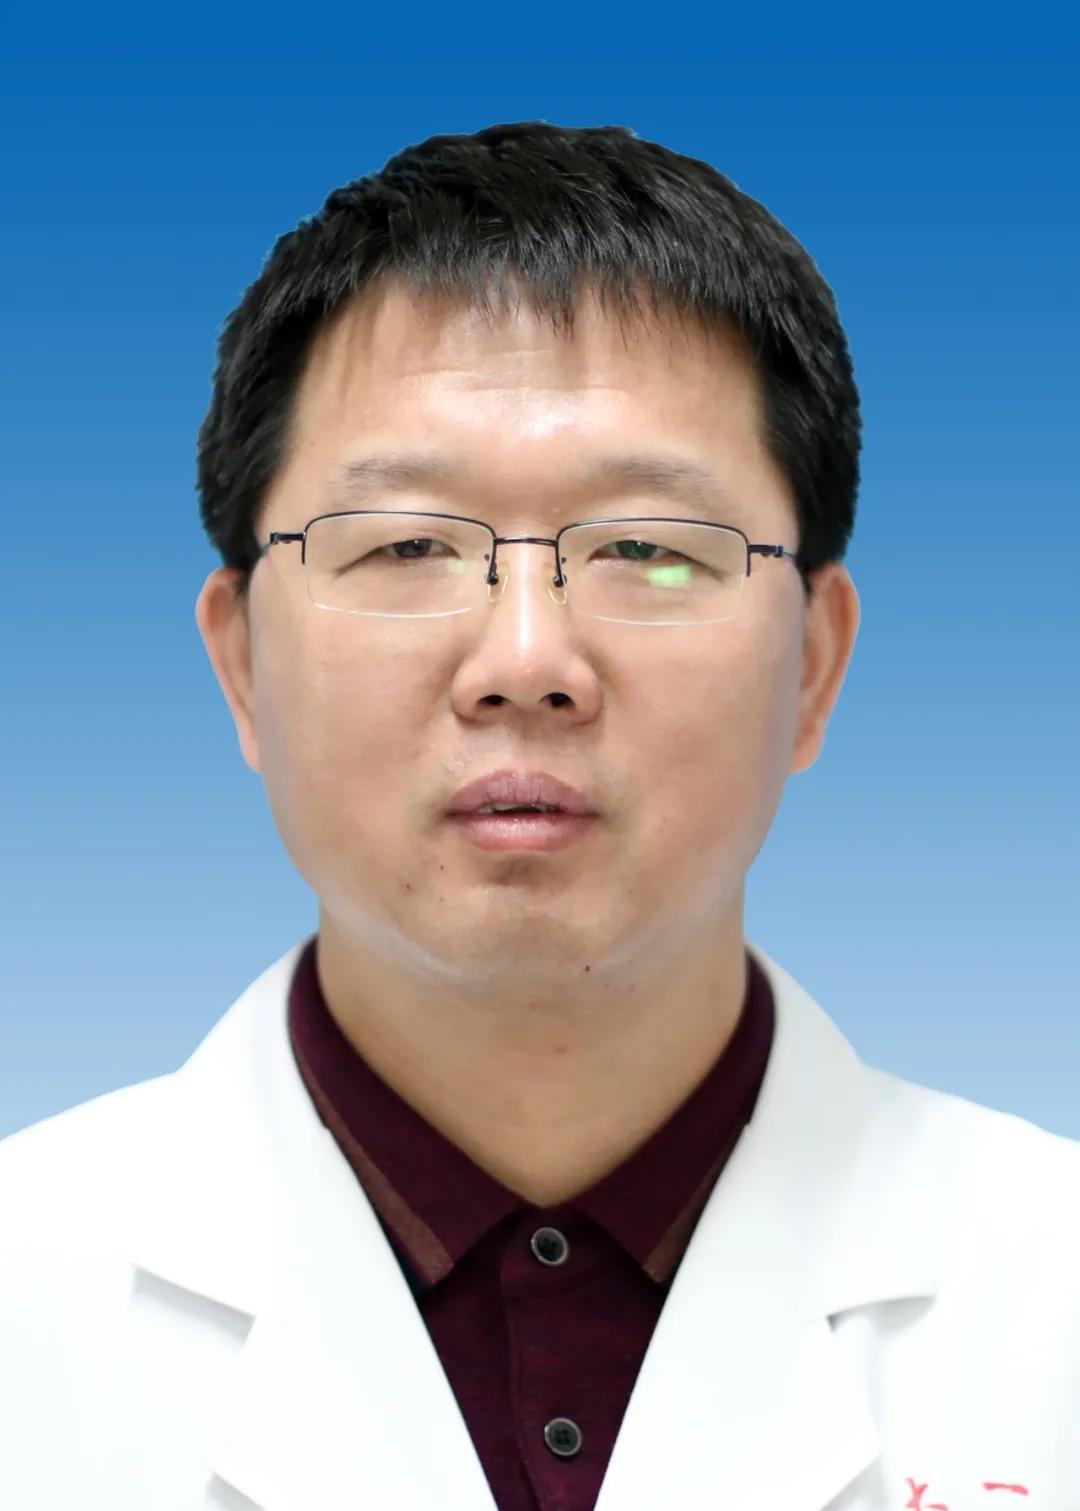 凶险!9 岁儿童心脏粘液瘤引发脑梗,河北医大一院多学科救治力挽狂